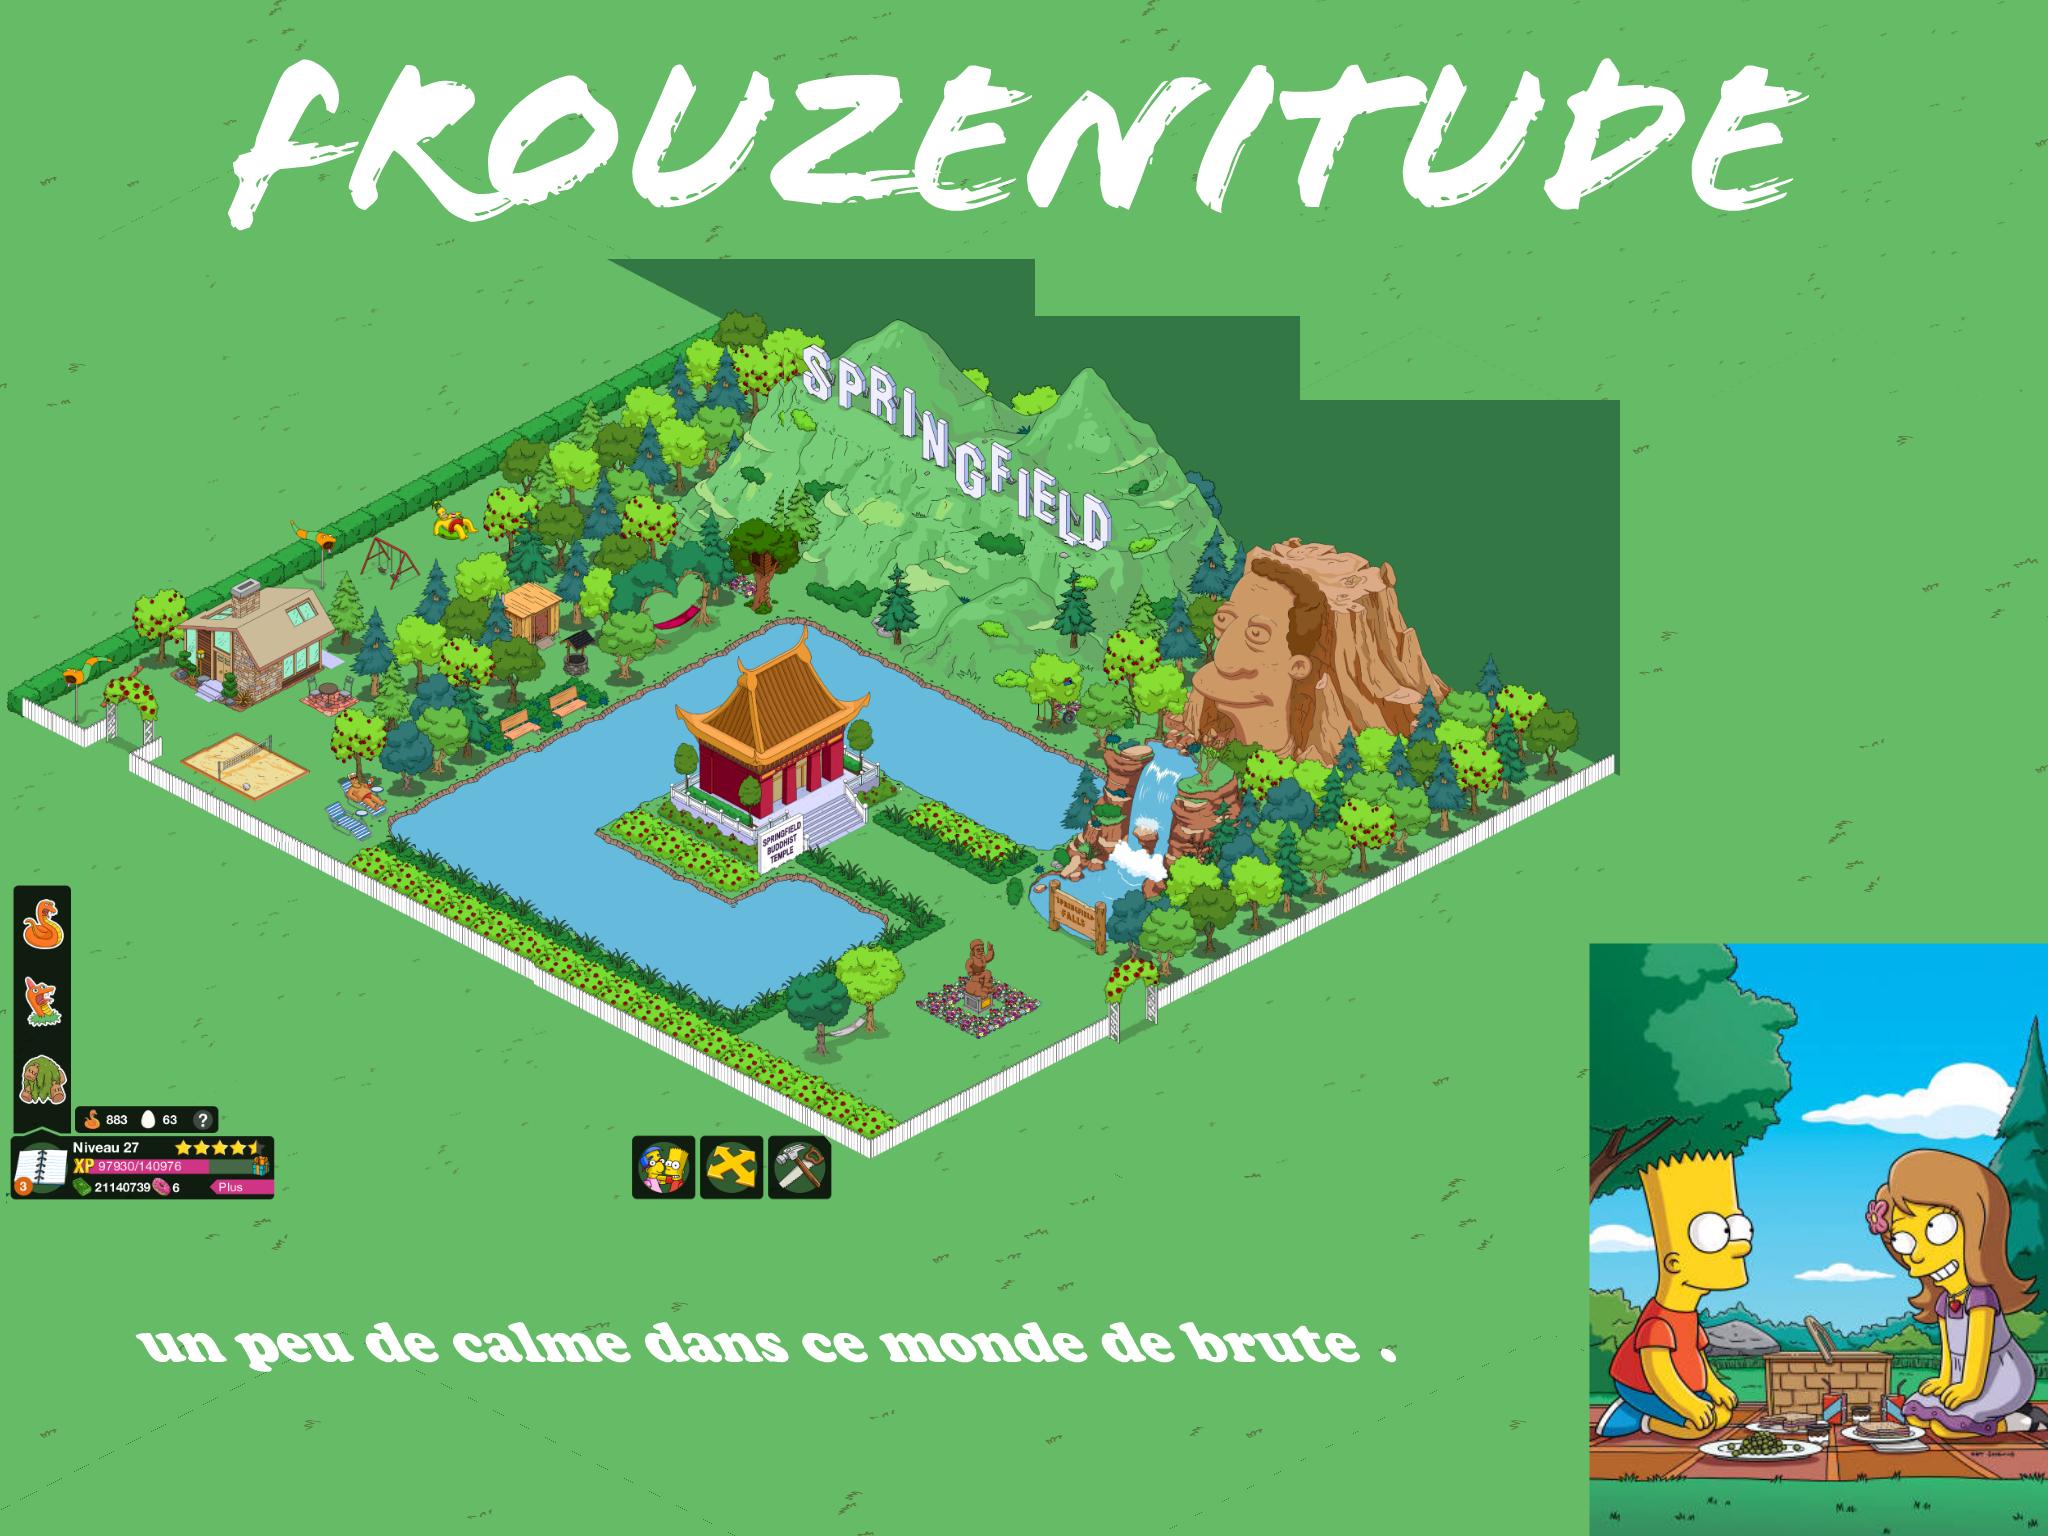 Jeux video simpson springfield forum - Jeux info simpson ...